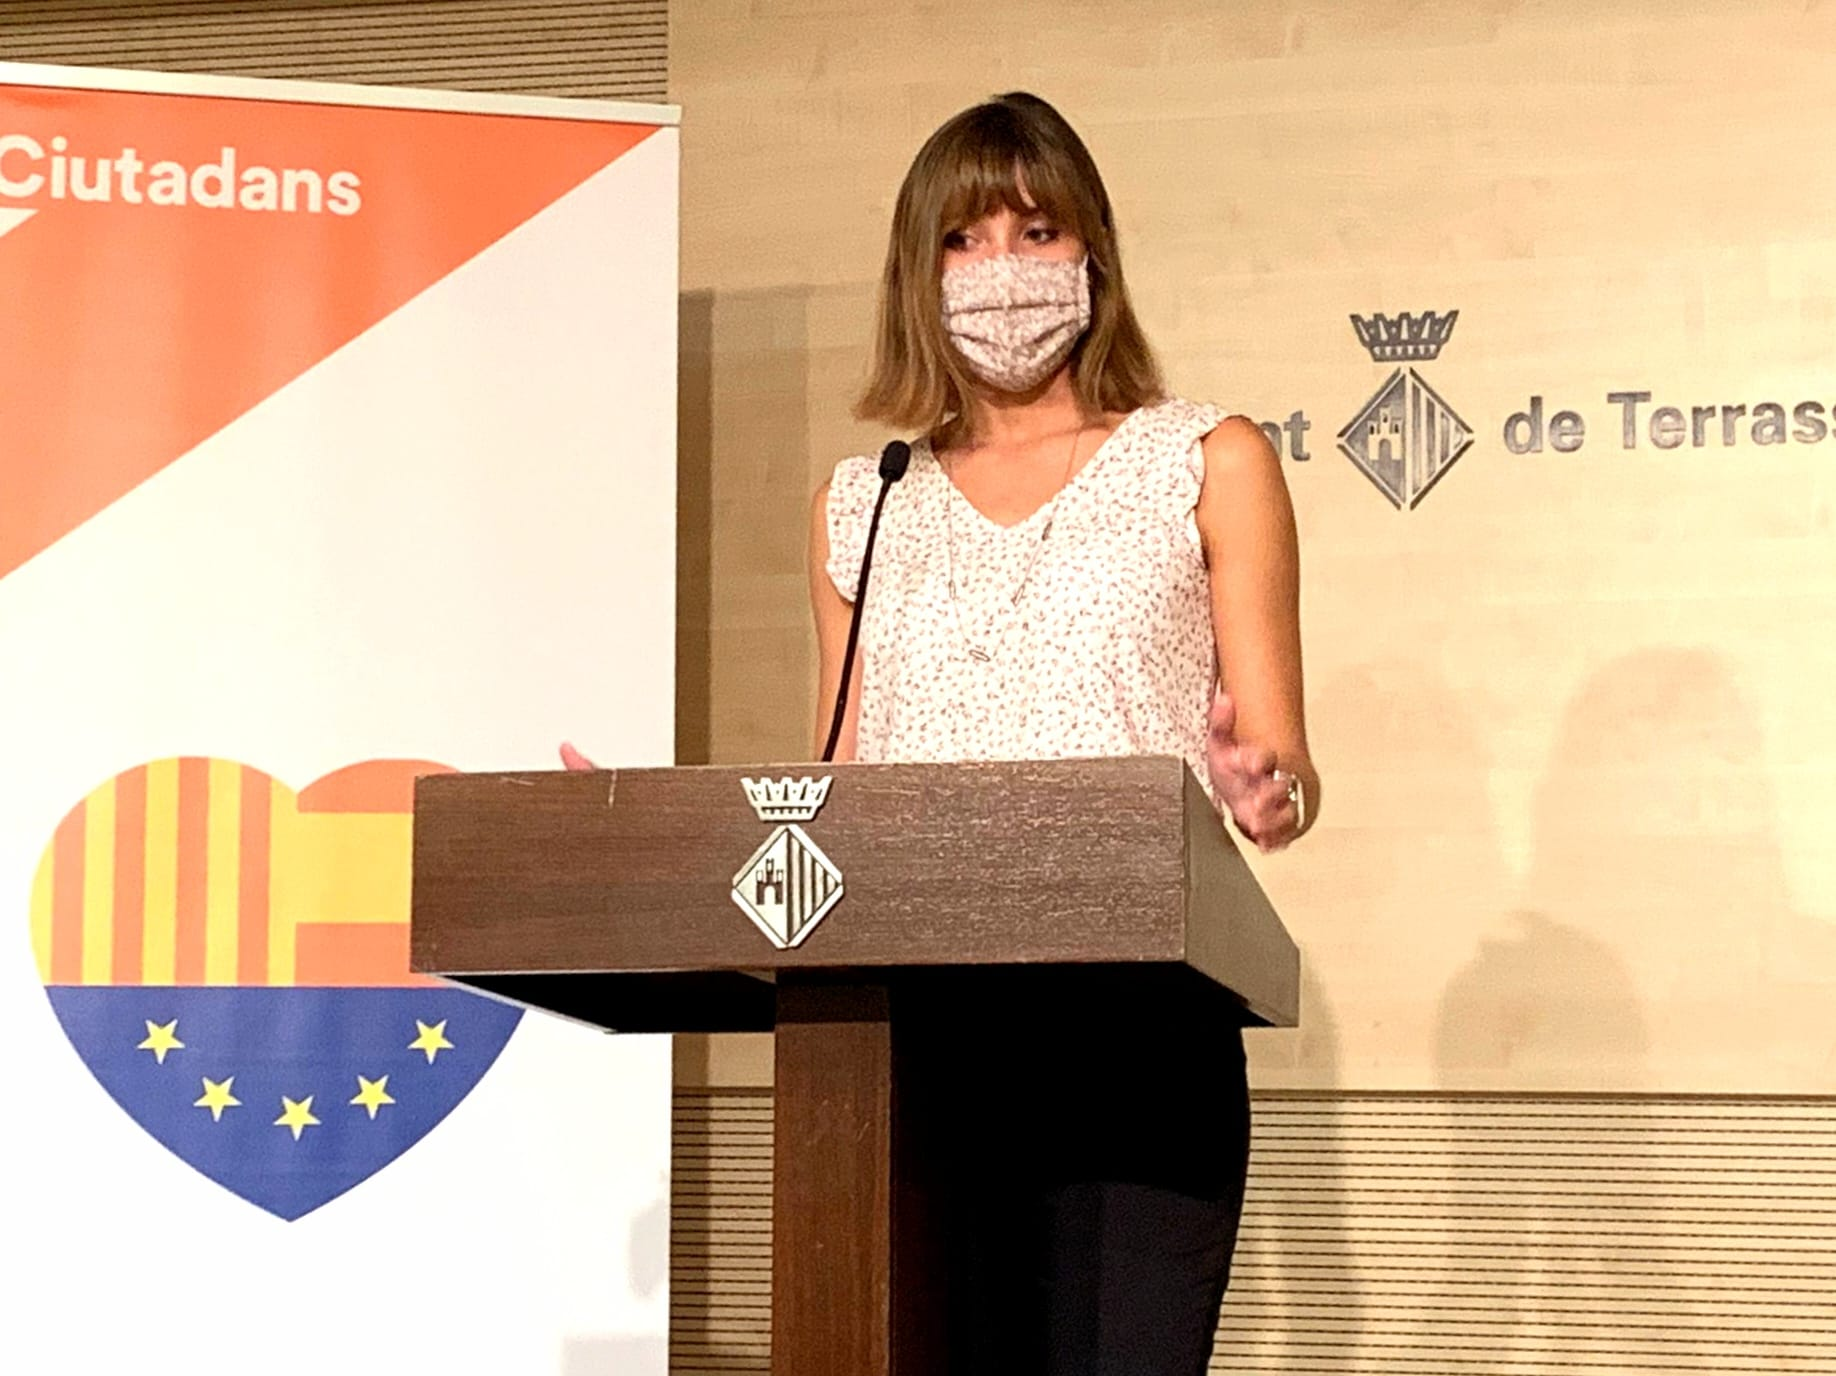 La regidora de Ciutadans, Isabel Martínez